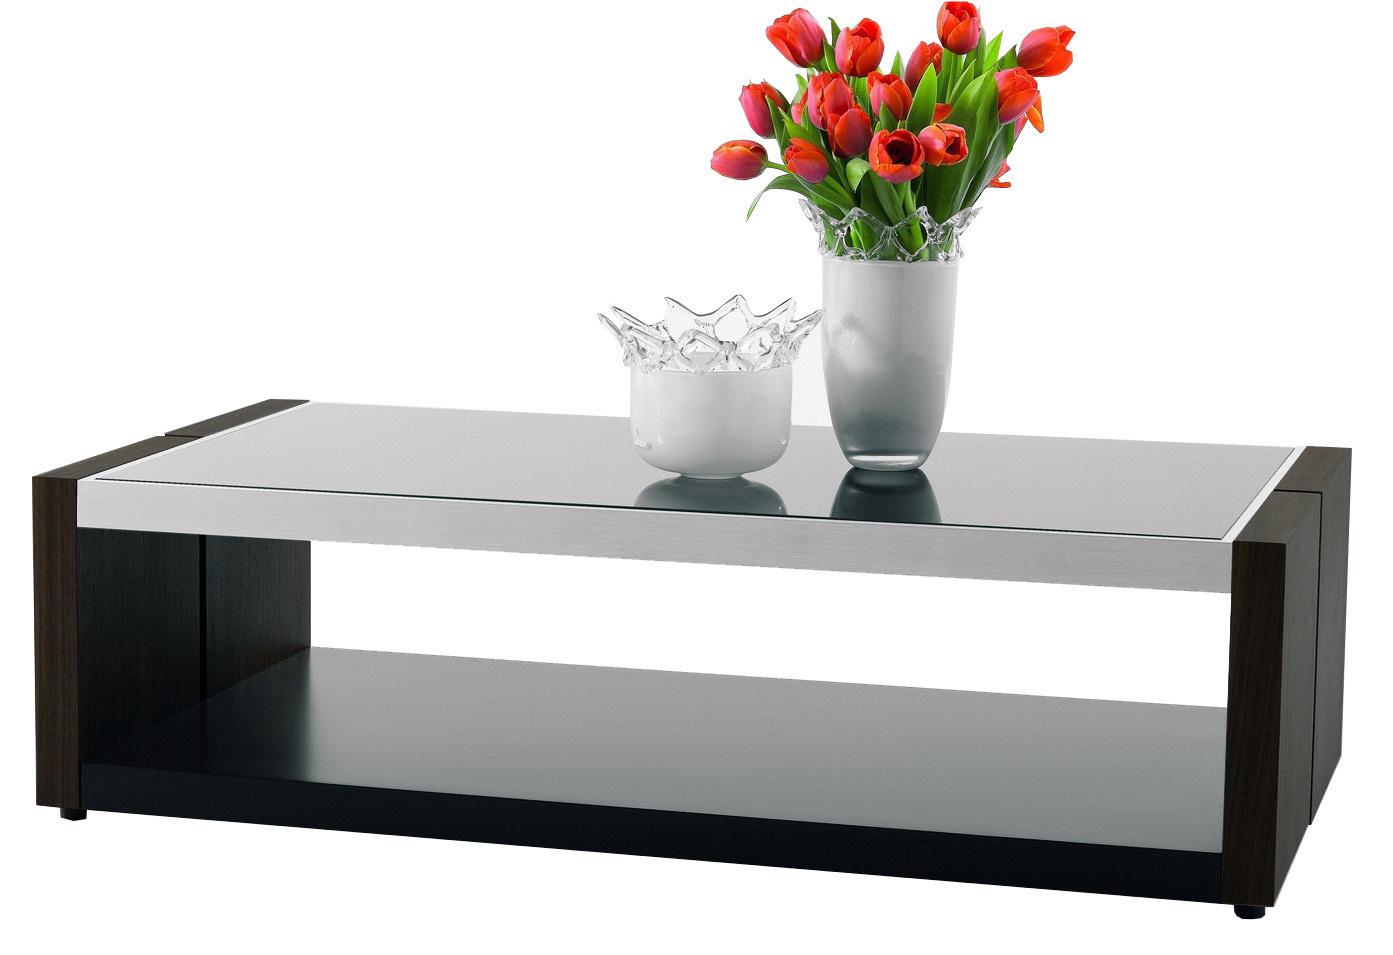 Журнальный столик Simple с металлической столешницей